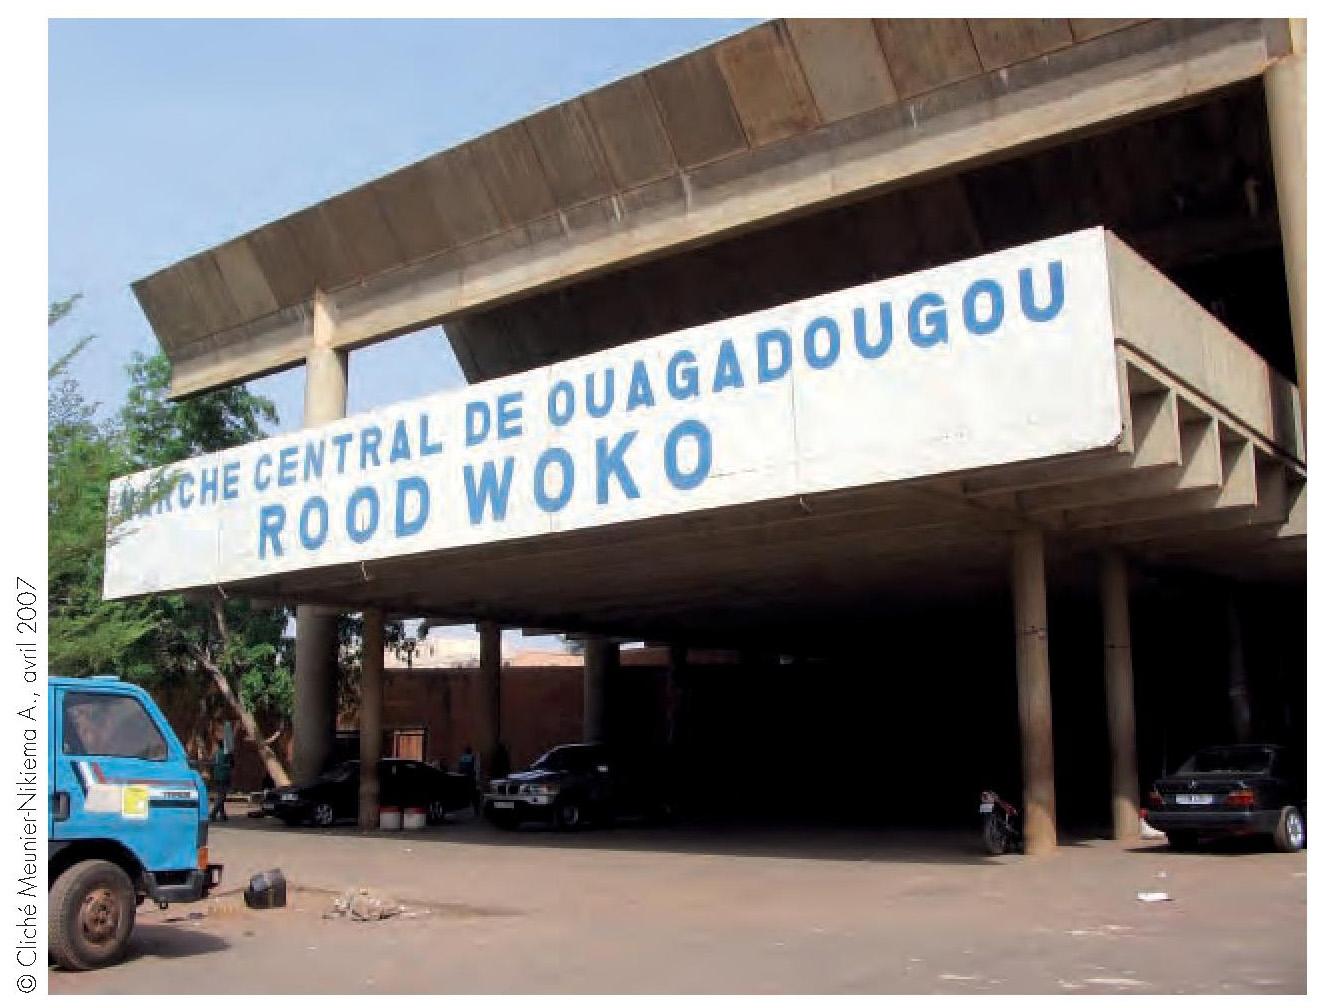 ROOD WOKO: les installations de kiosques au sein du marché interdites